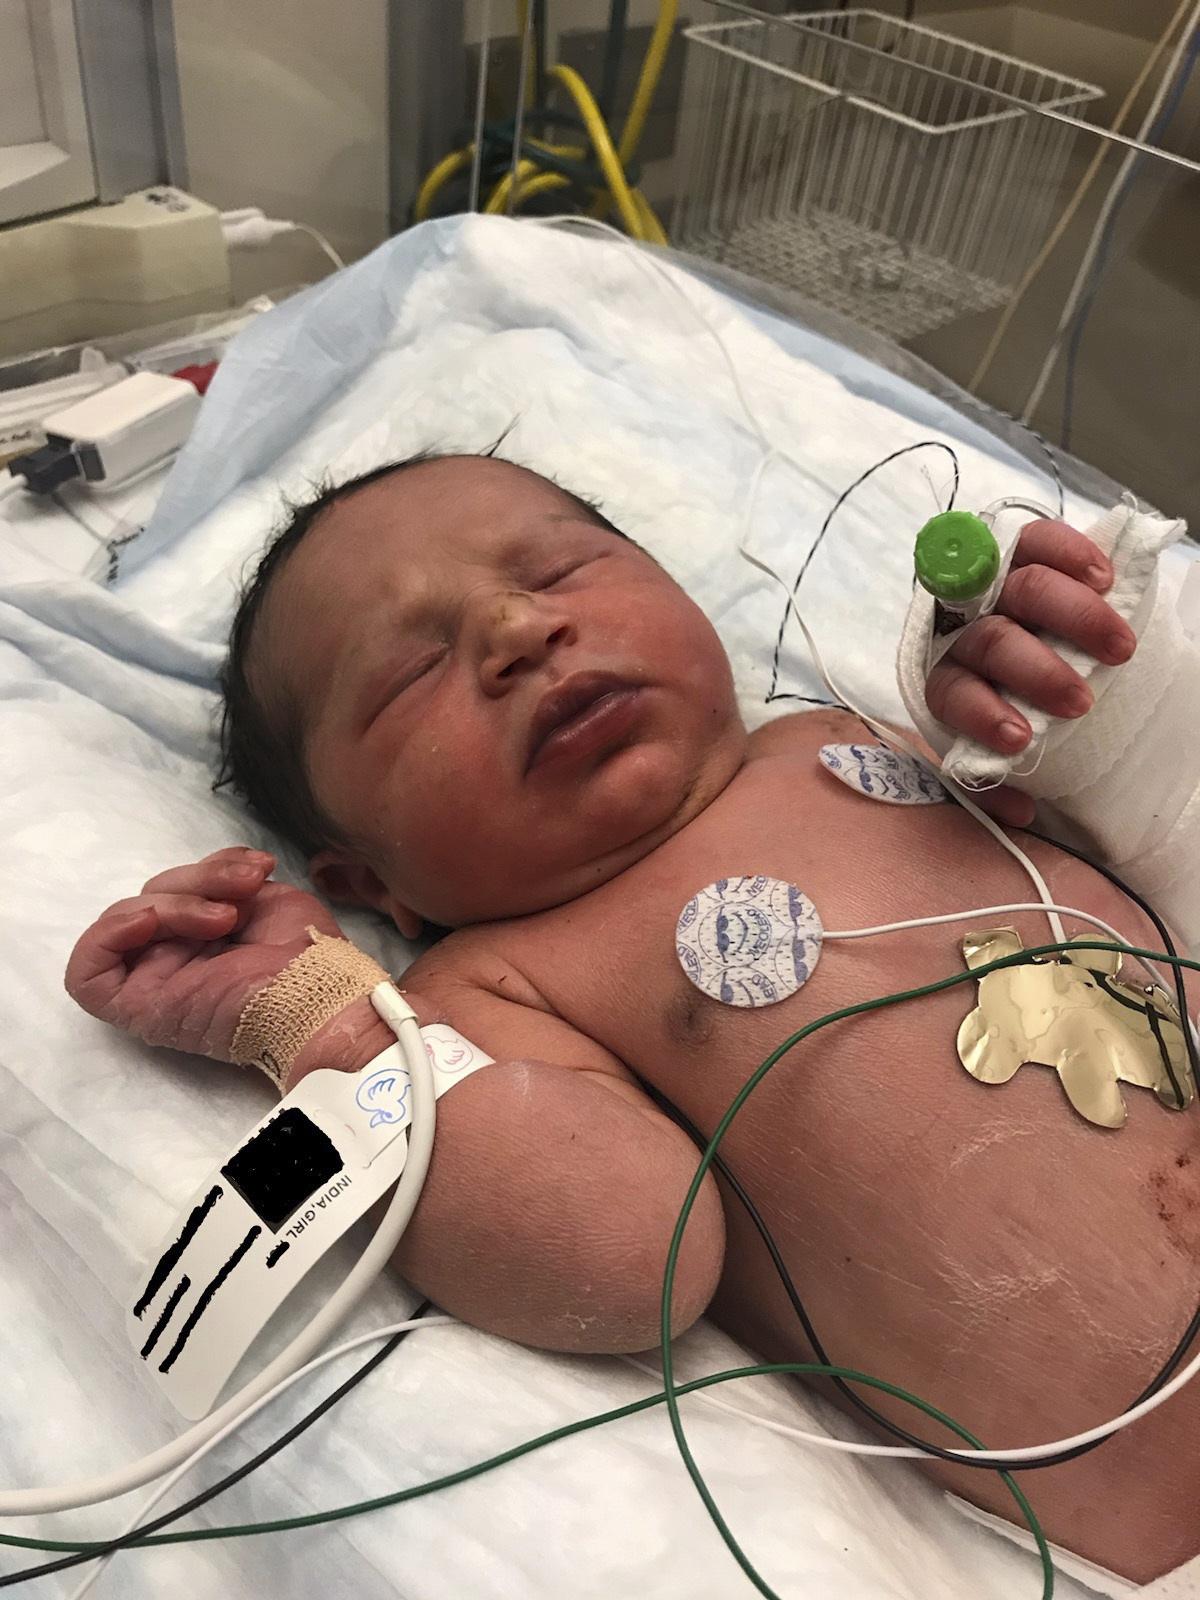 Newborn Found Alive Woods_1560169470921